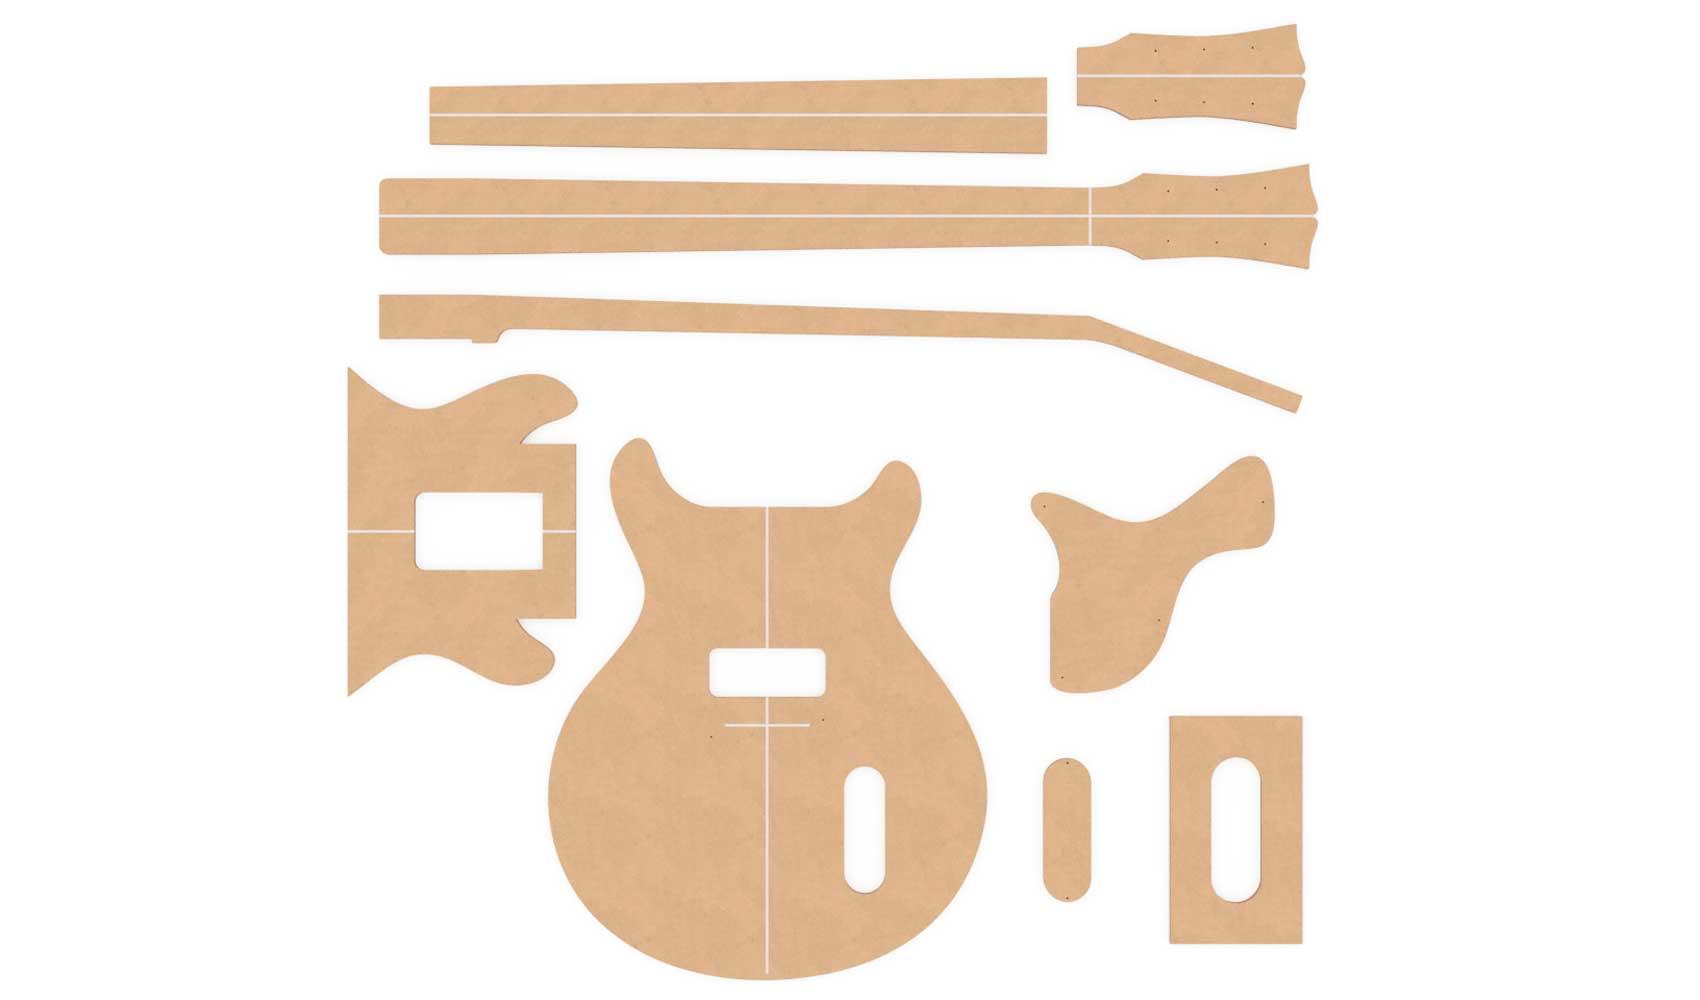 Gibson Les Paul Jr Double Cut Router Templates